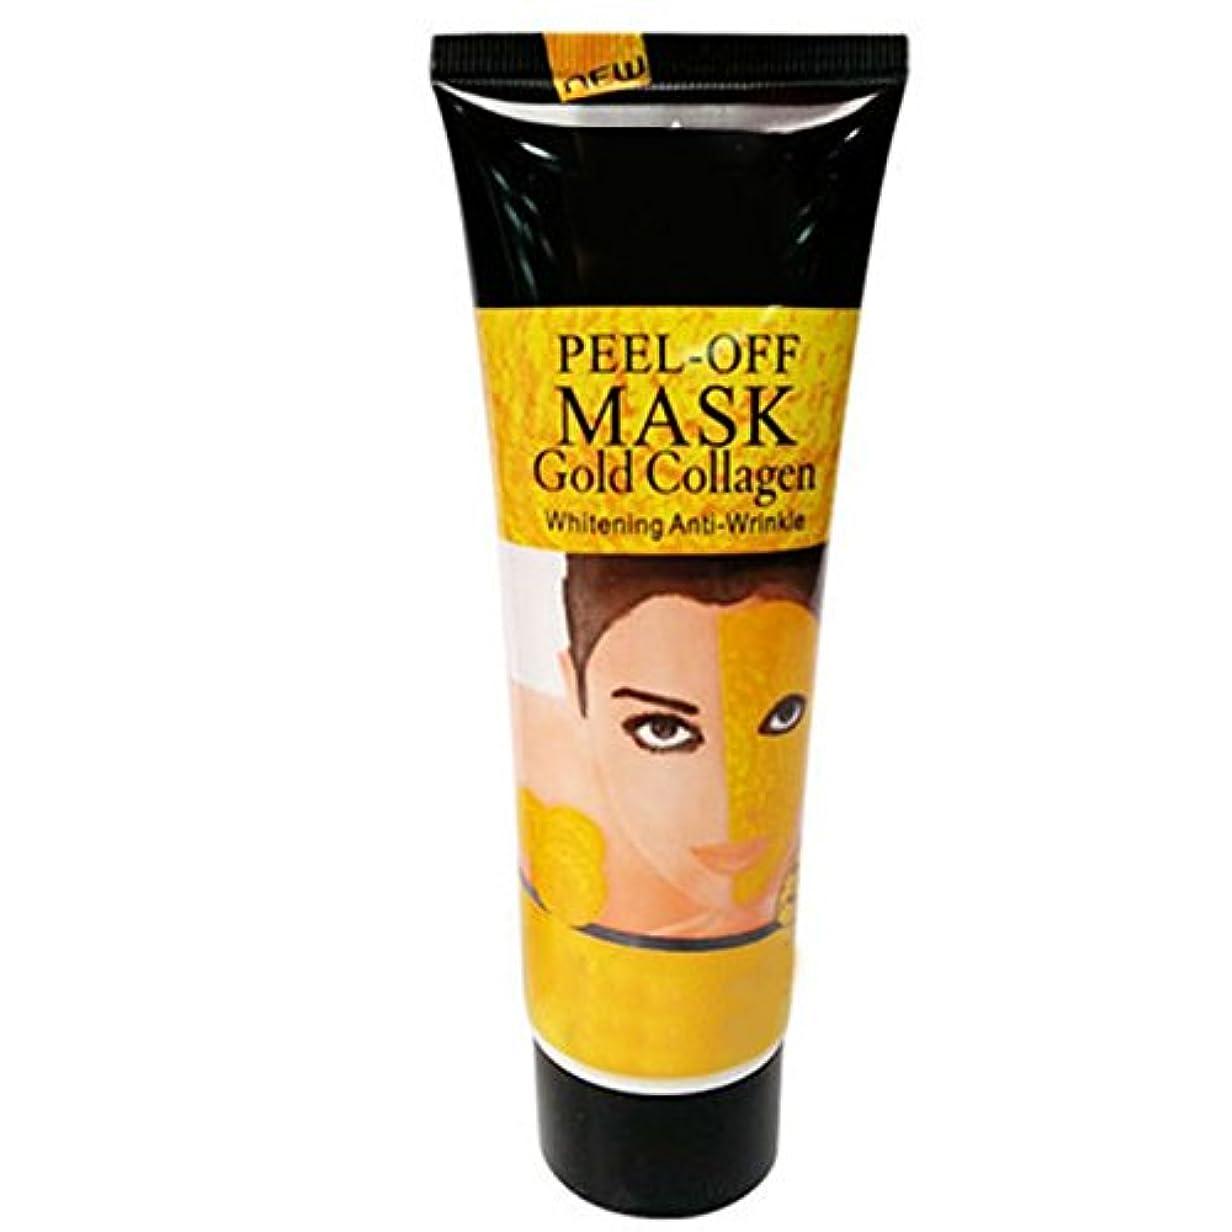 強度スツール素敵なFunwill 24Kゴールドマスク ゴールドコラーゲンパック アンチエイジングパック スキンケアマスク しわ、黒ずみ、しみなどを除き たるみ肌改善 くすみ改善 しっかりしている肌に戻る